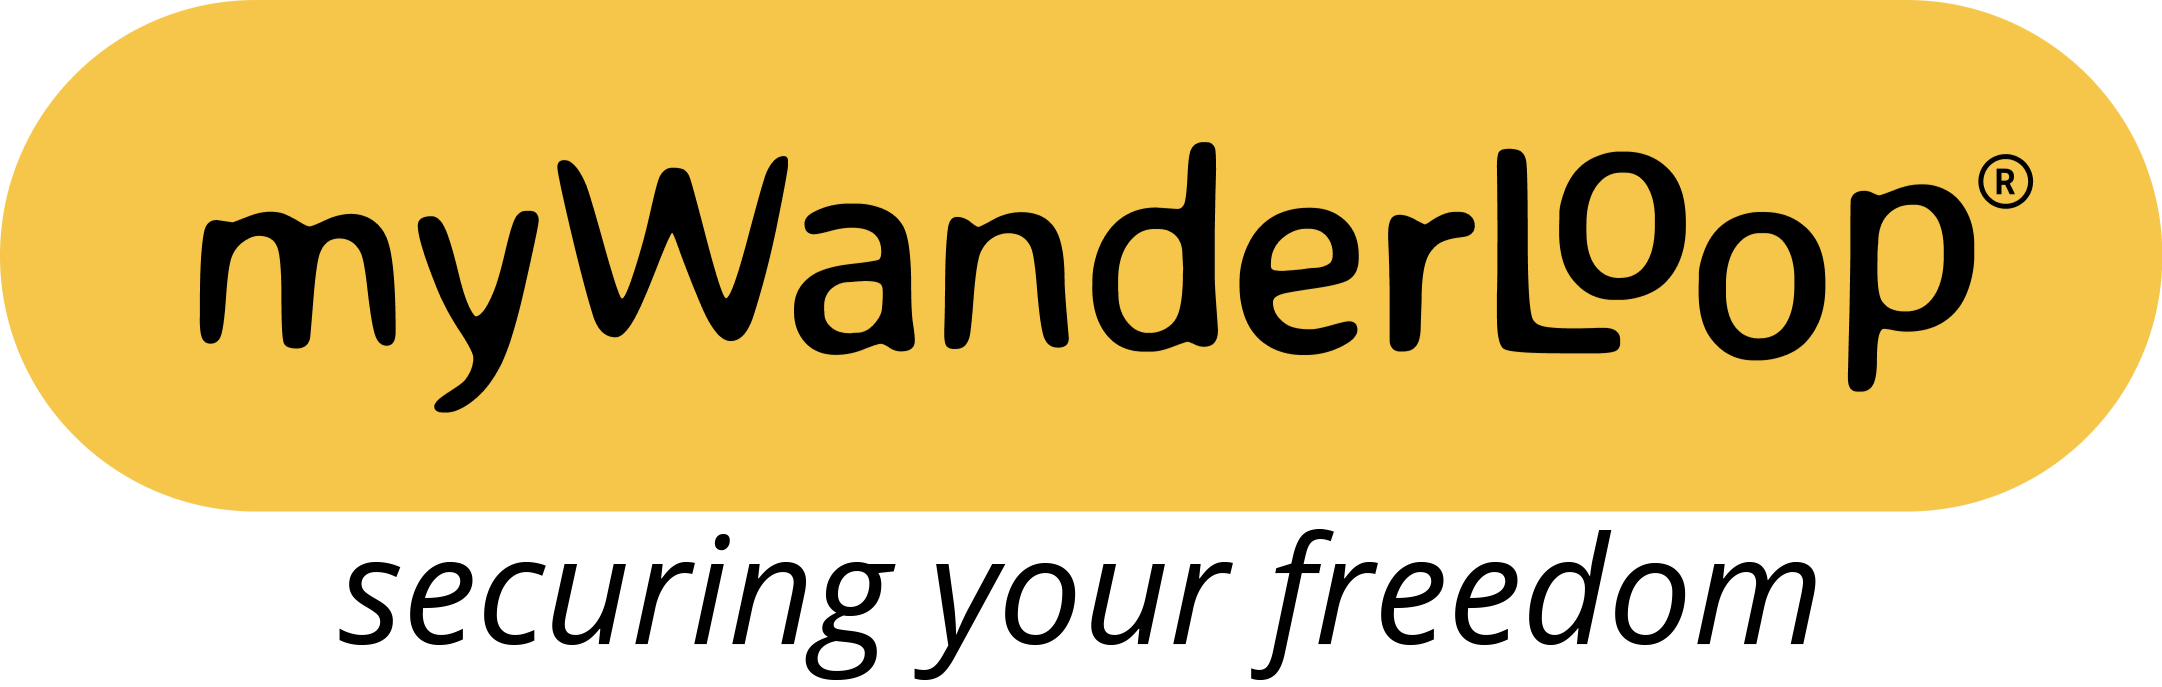 myWanderLoop